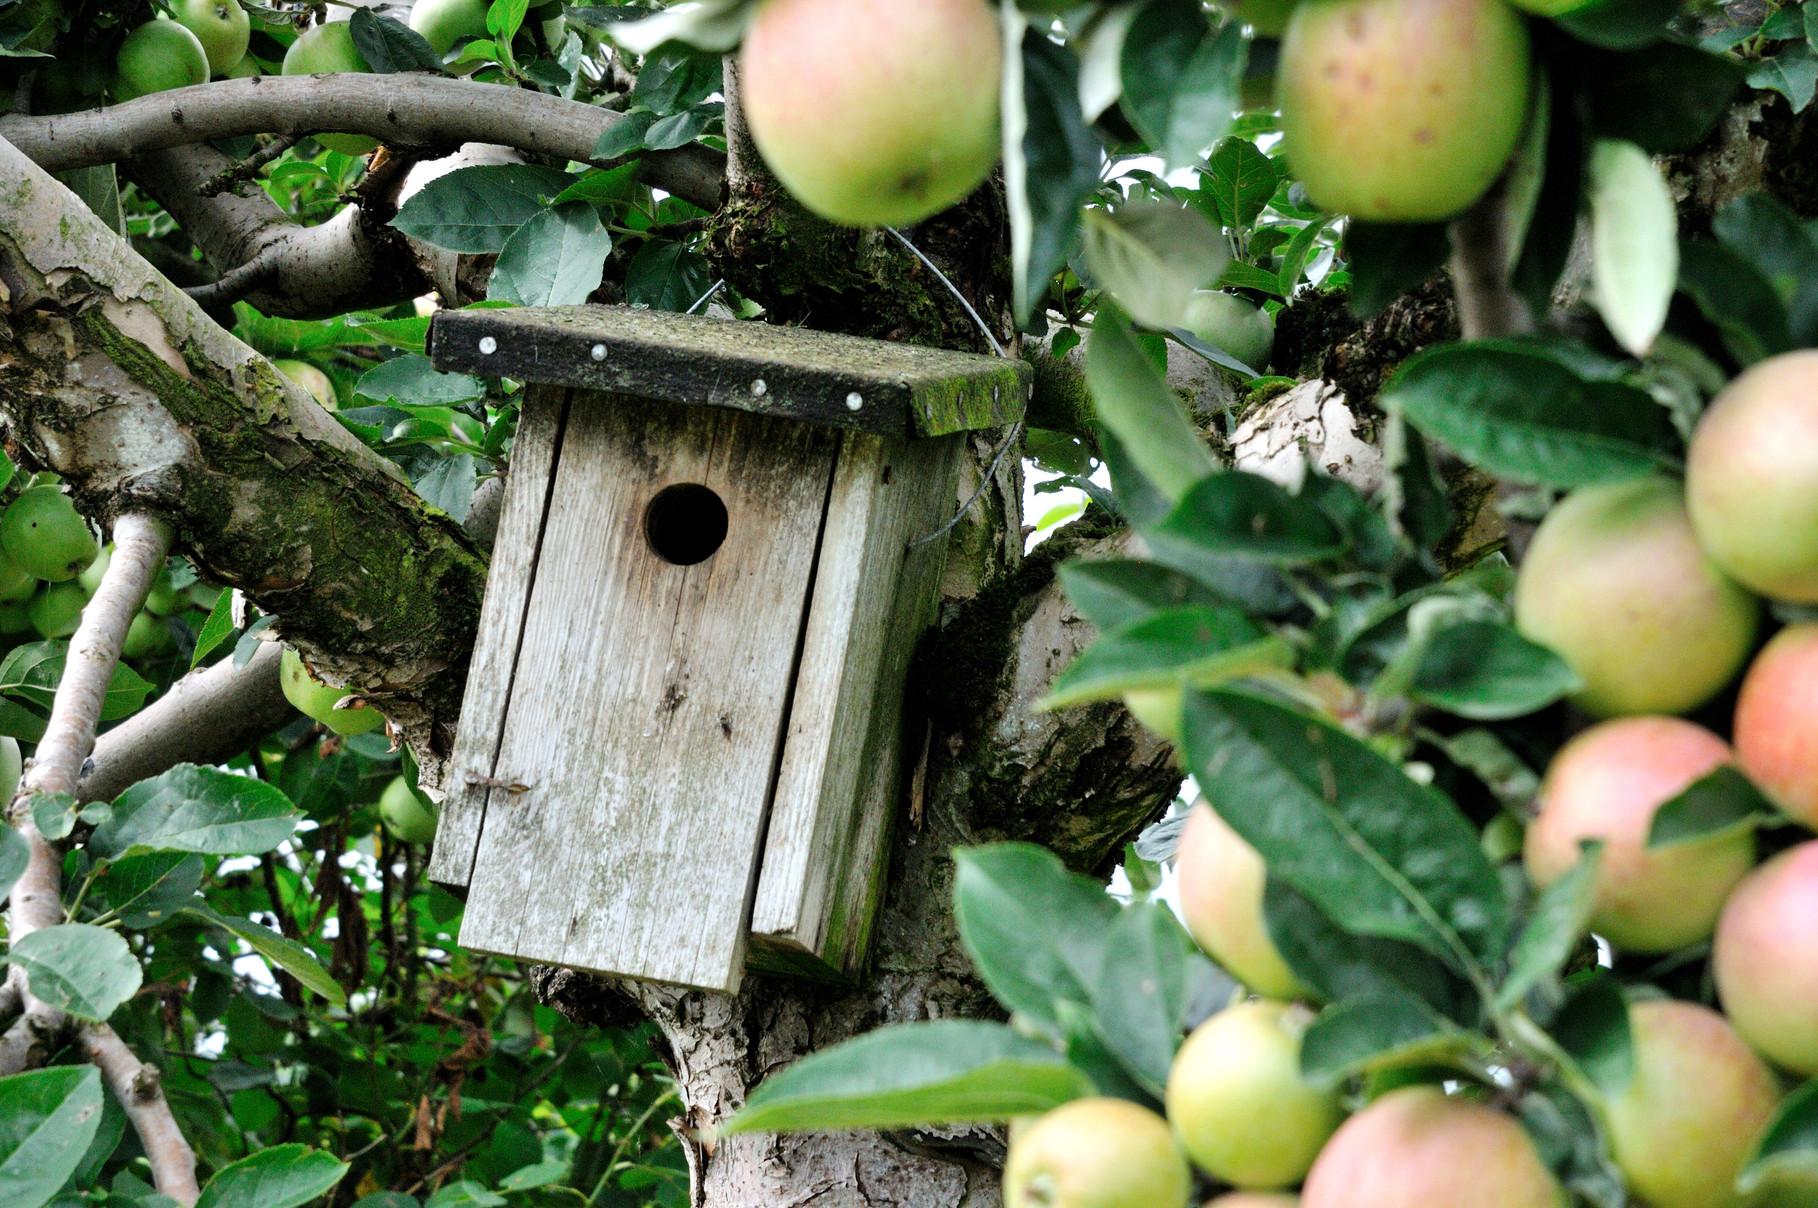 Vögel helfen bei der Vernichtung von Ungeziefer